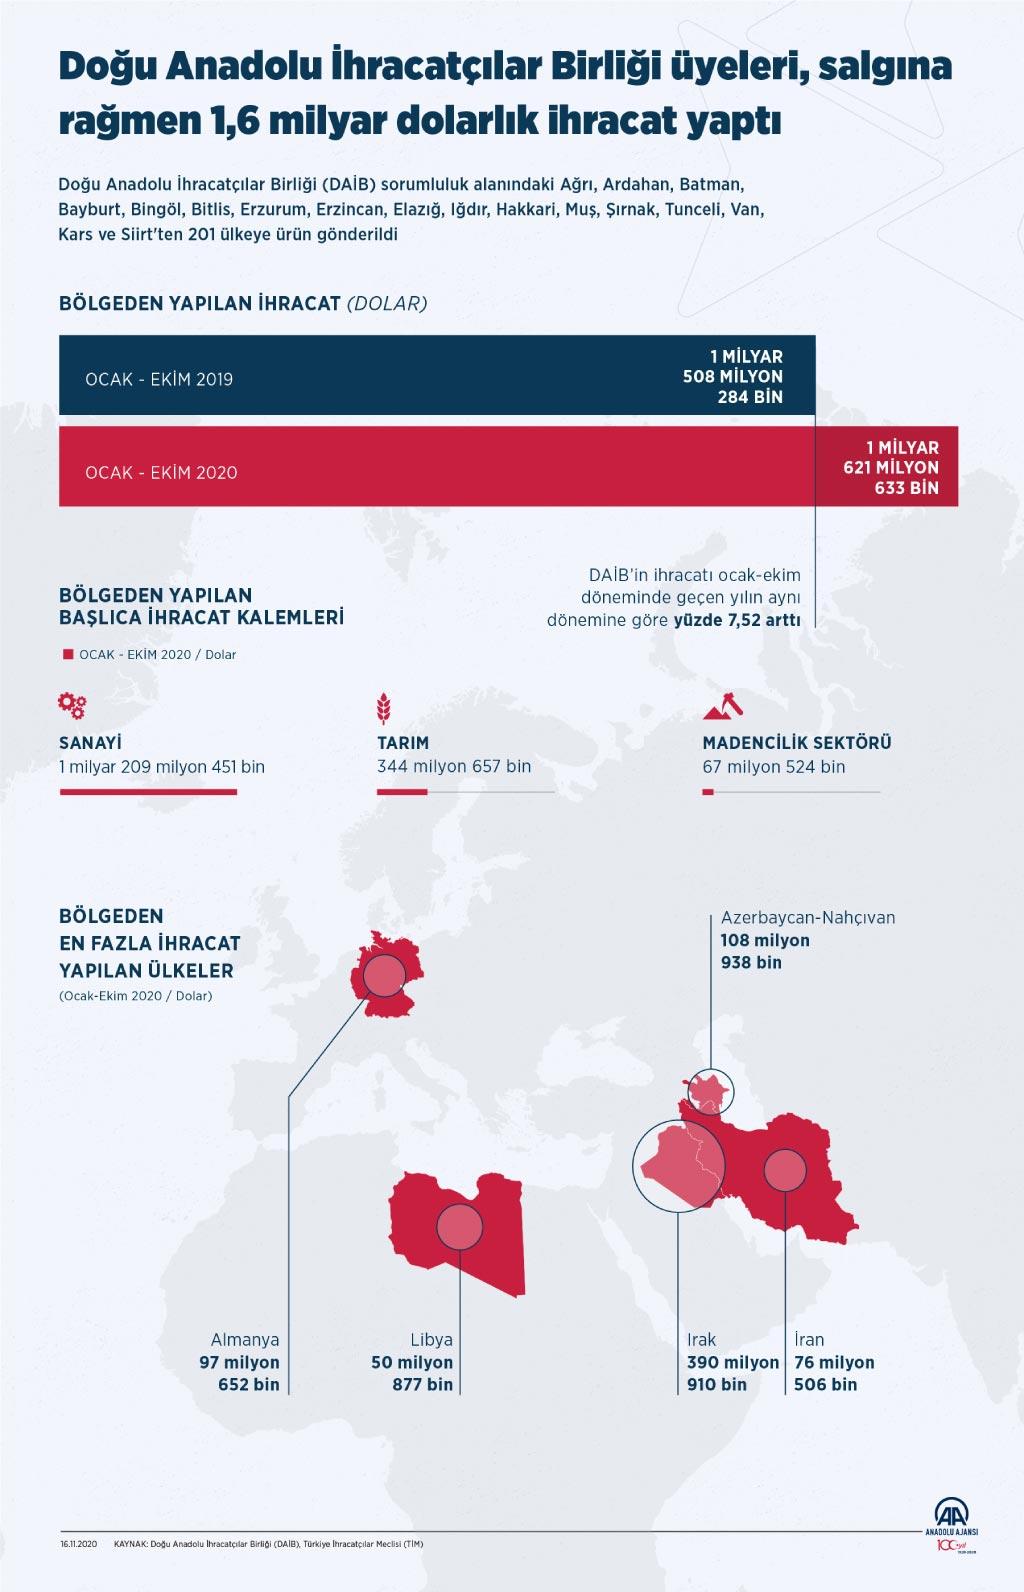 Doğu Anadolu'dan Salgına Rağmen 1,6 Milyar Dolarlık İhracat